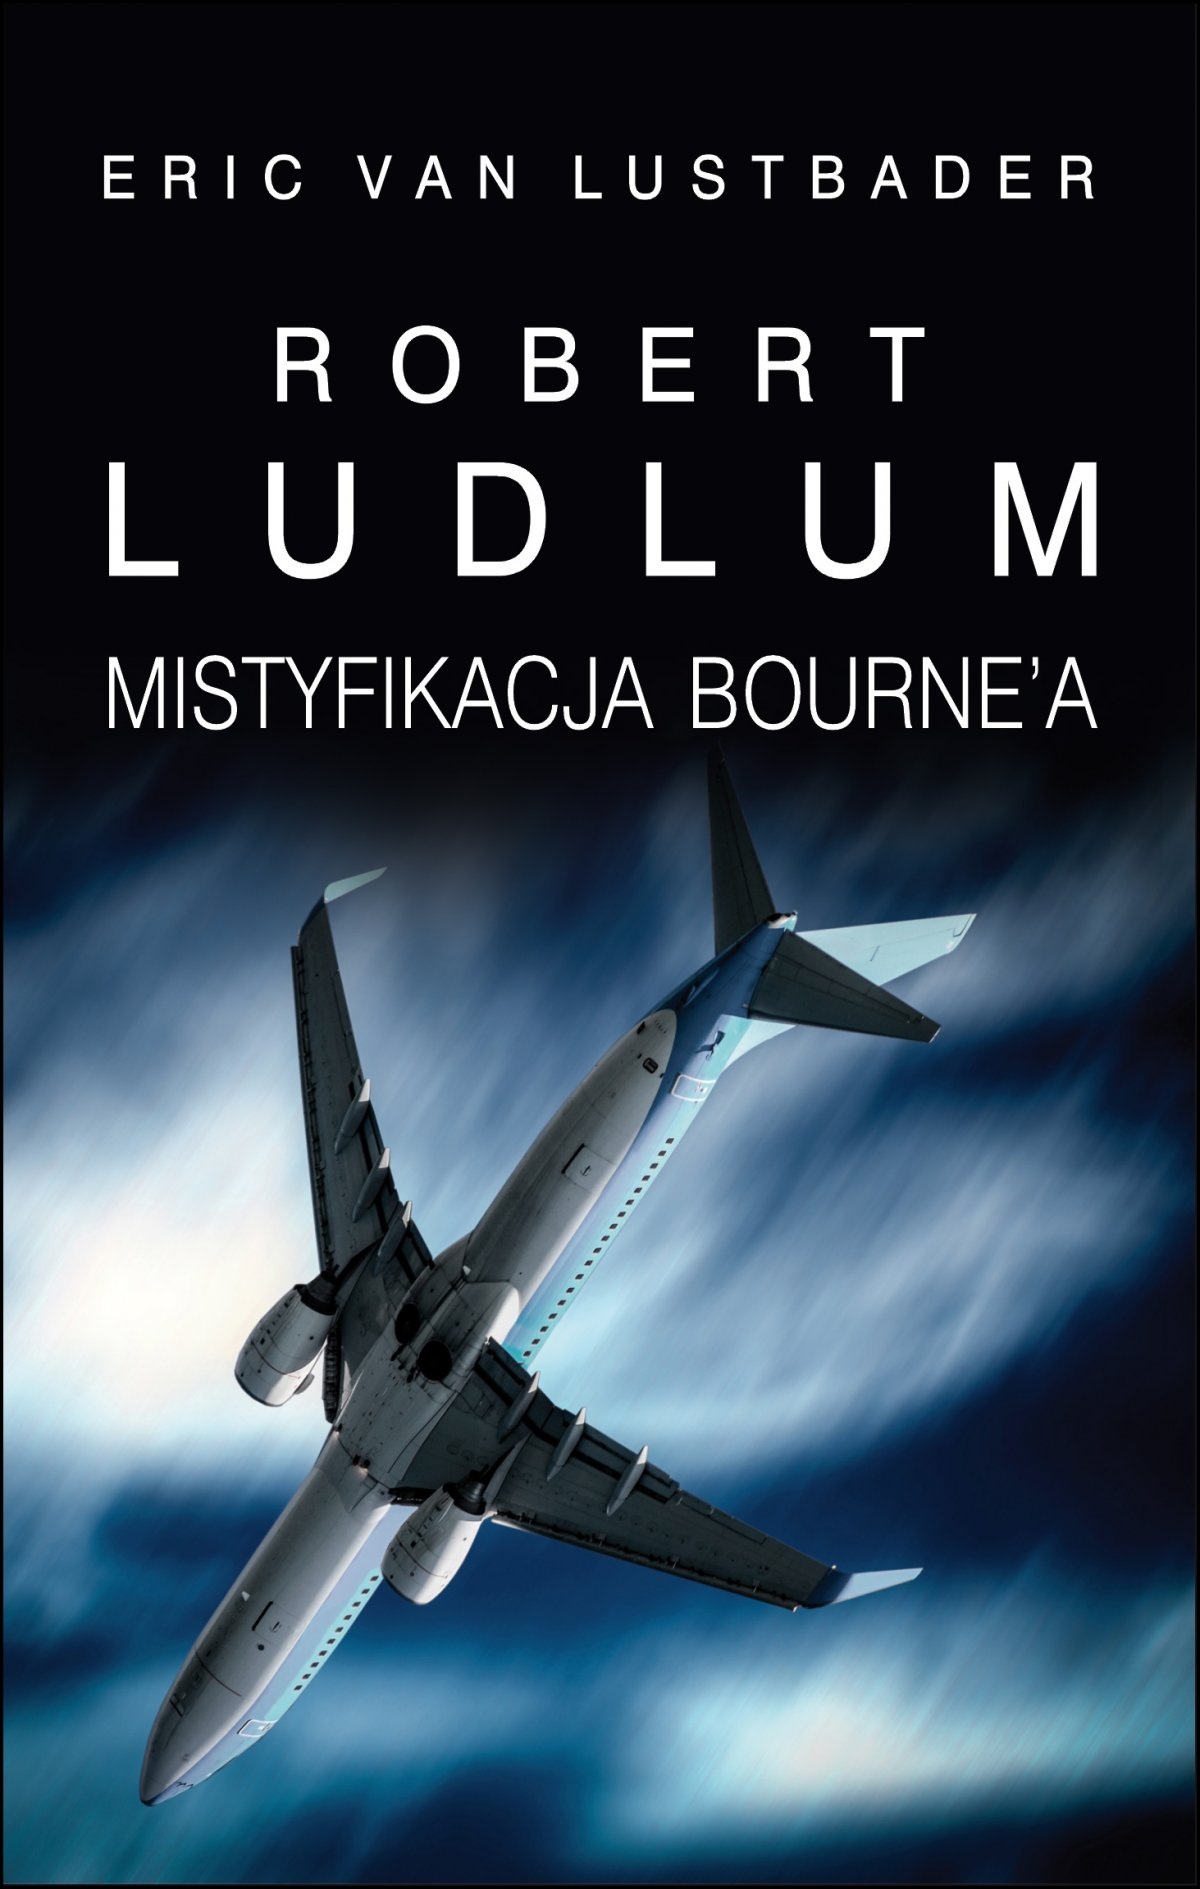 Mistyfikacja Bourne'a - Ebook (Książka EPUB) do pobrania w formacie EPUB